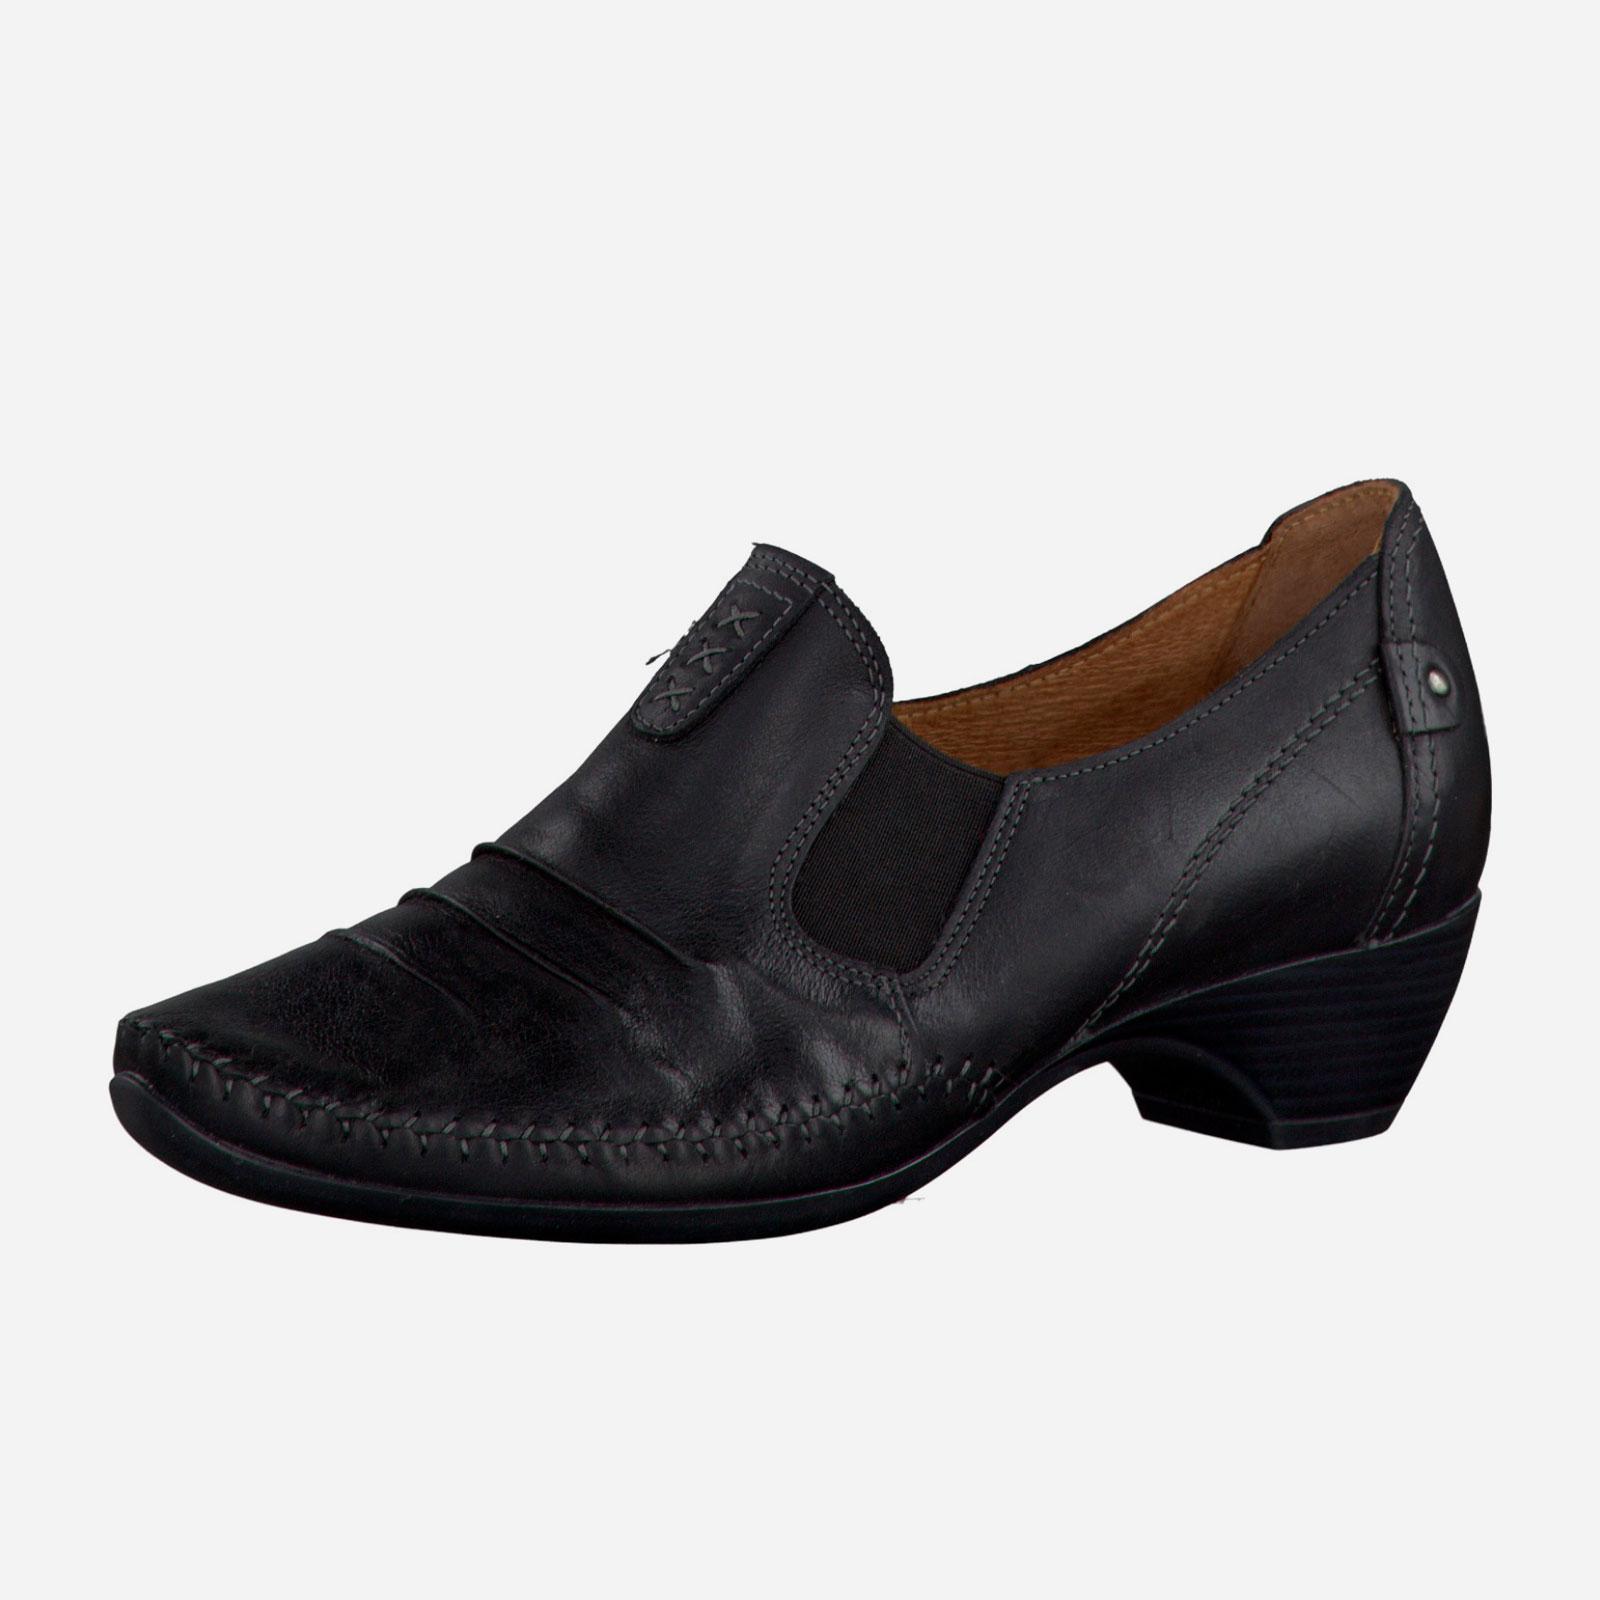 Туфли жeнские с эластичной вставкой